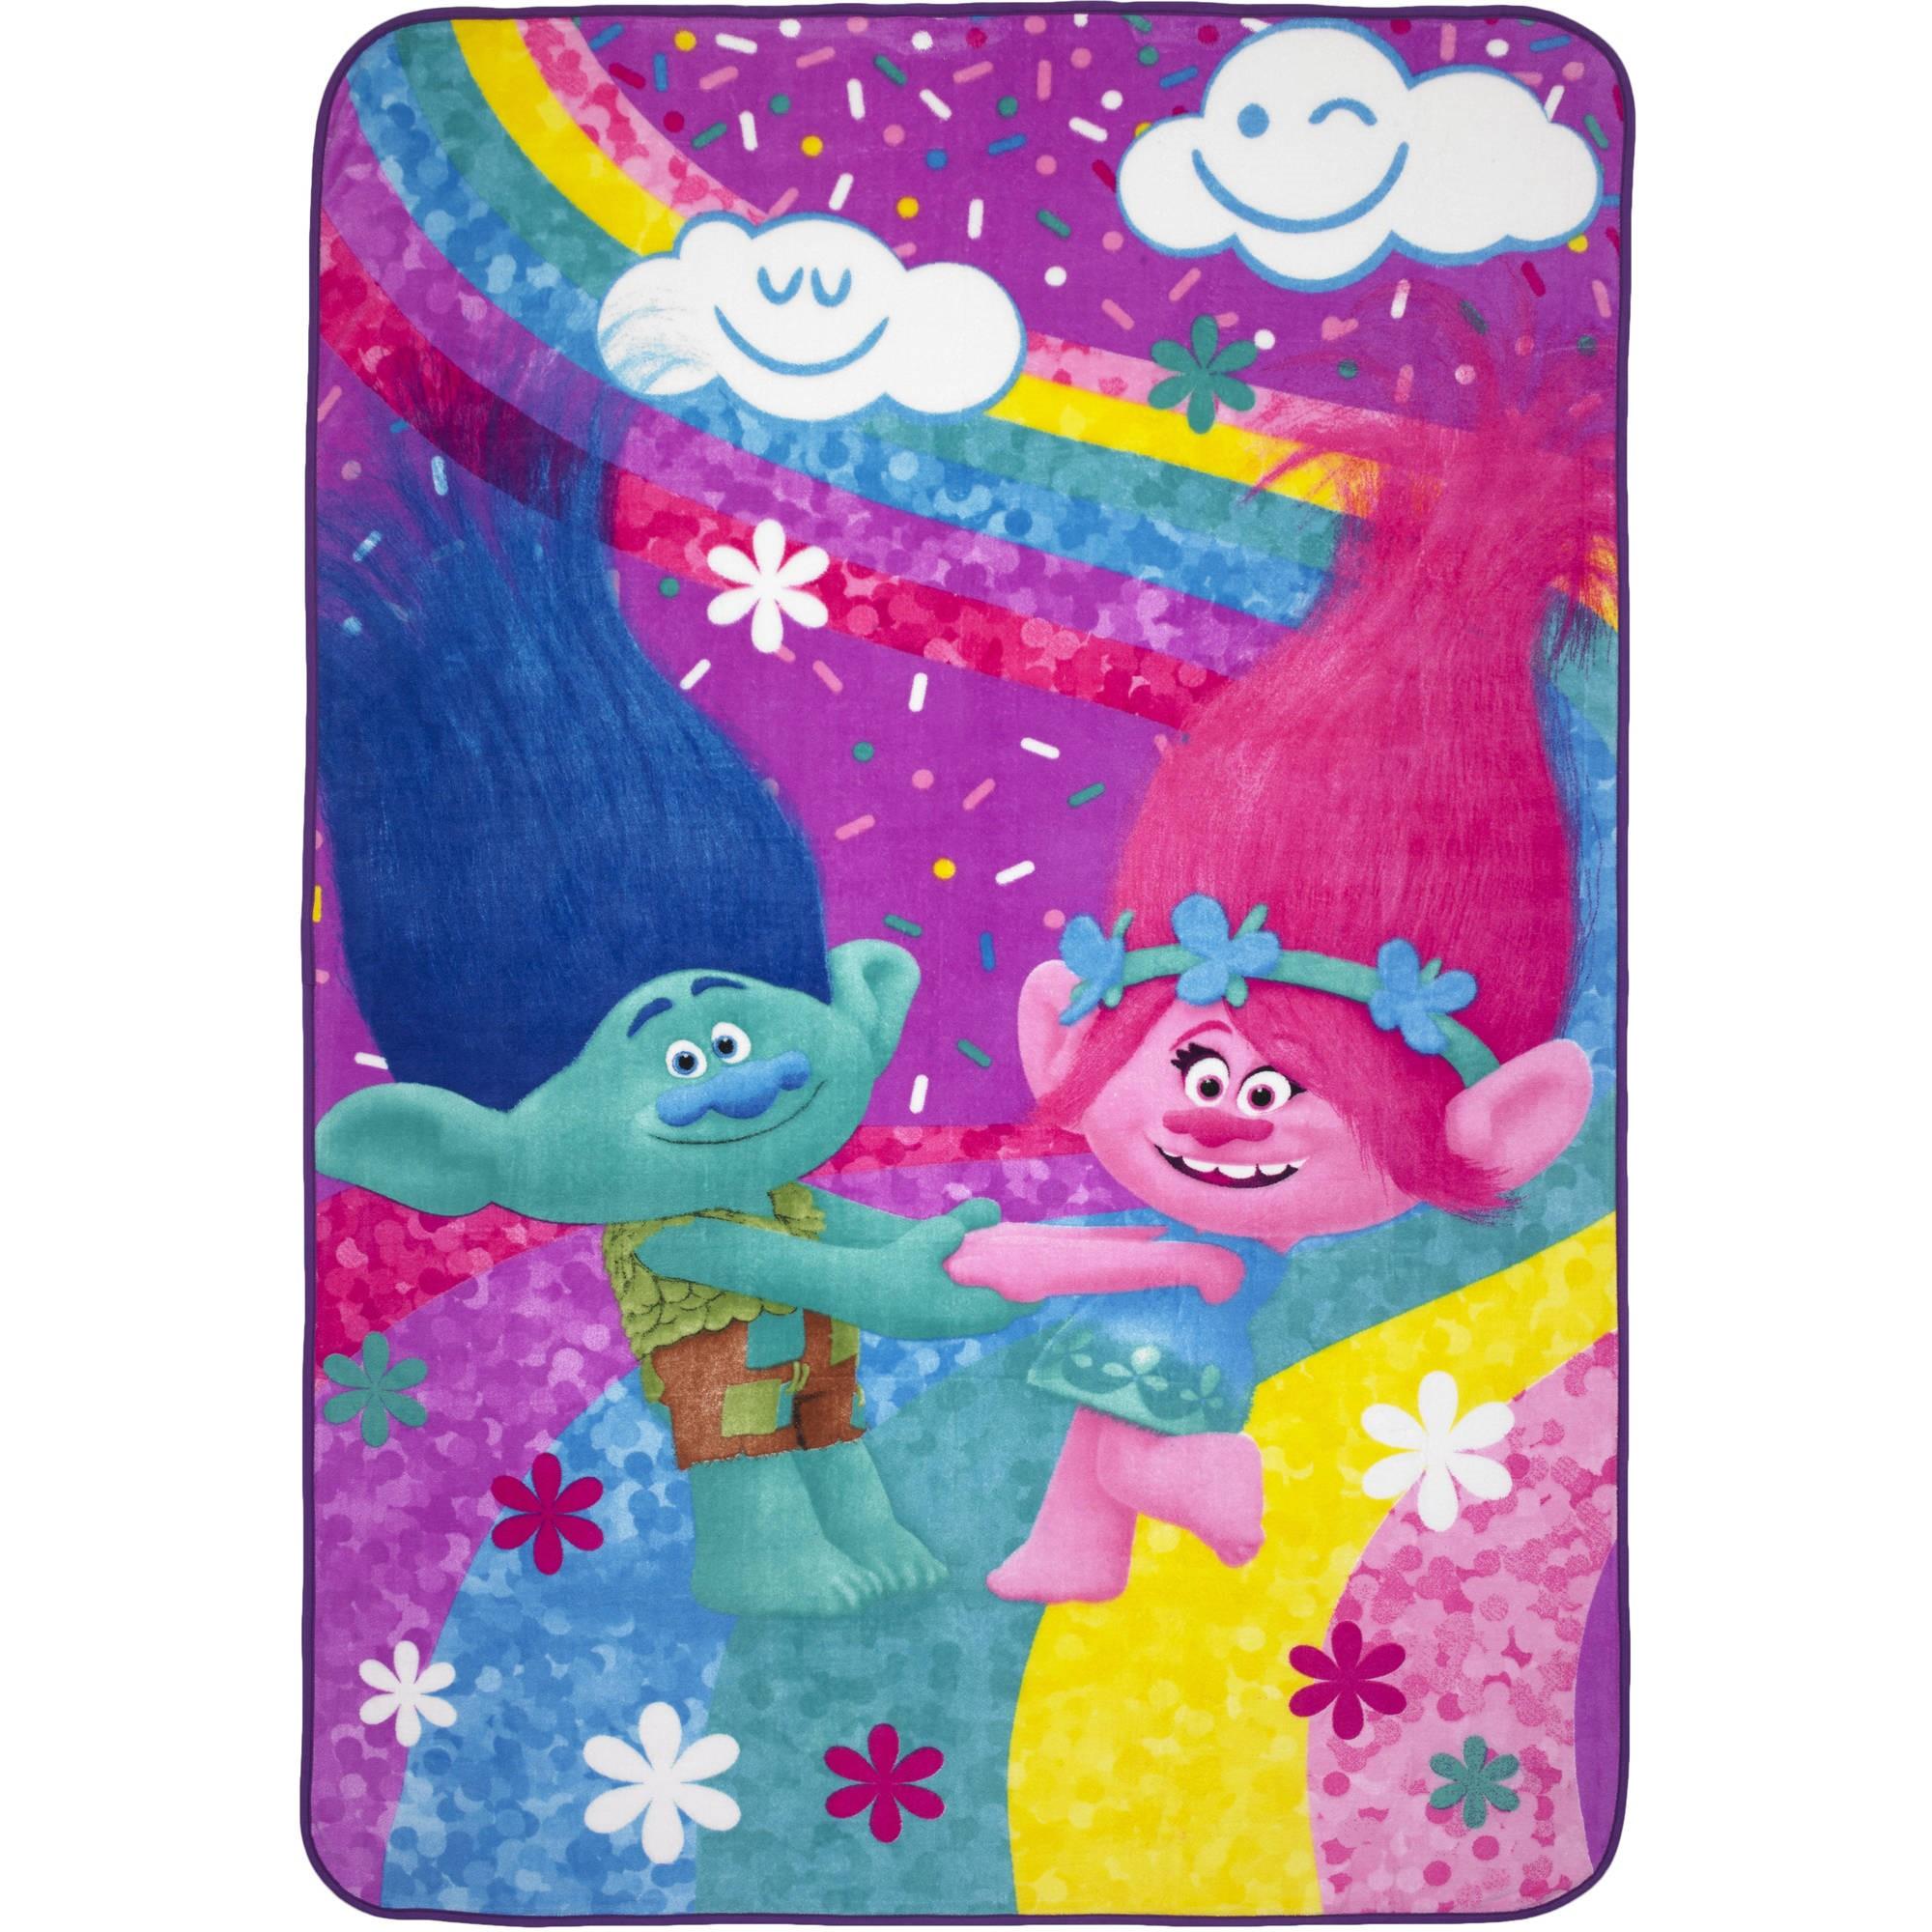 Trolls Poppy Life Kids Bedding Plush Blanket, 1 Each